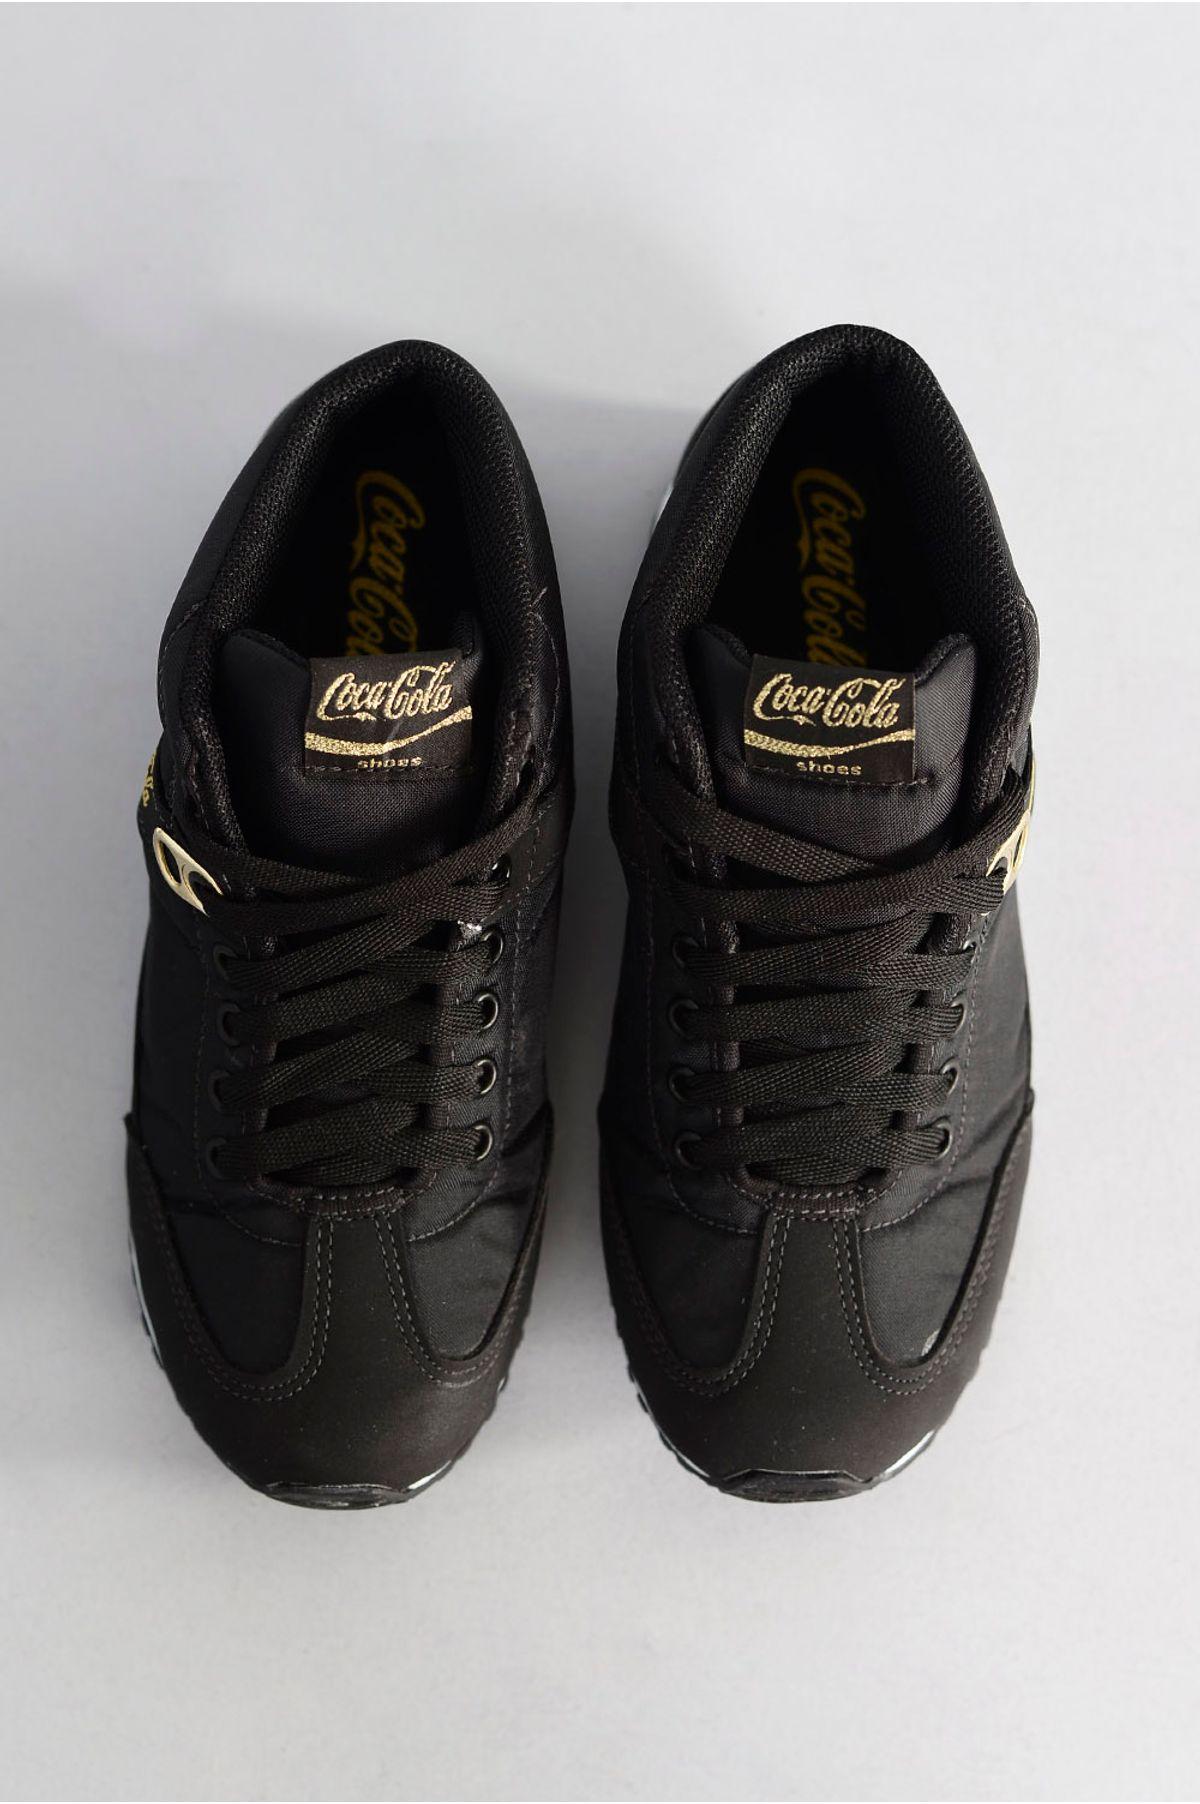 f1b4ec511 Tênis Coca Cola Place PRETO - Mundial Calçados